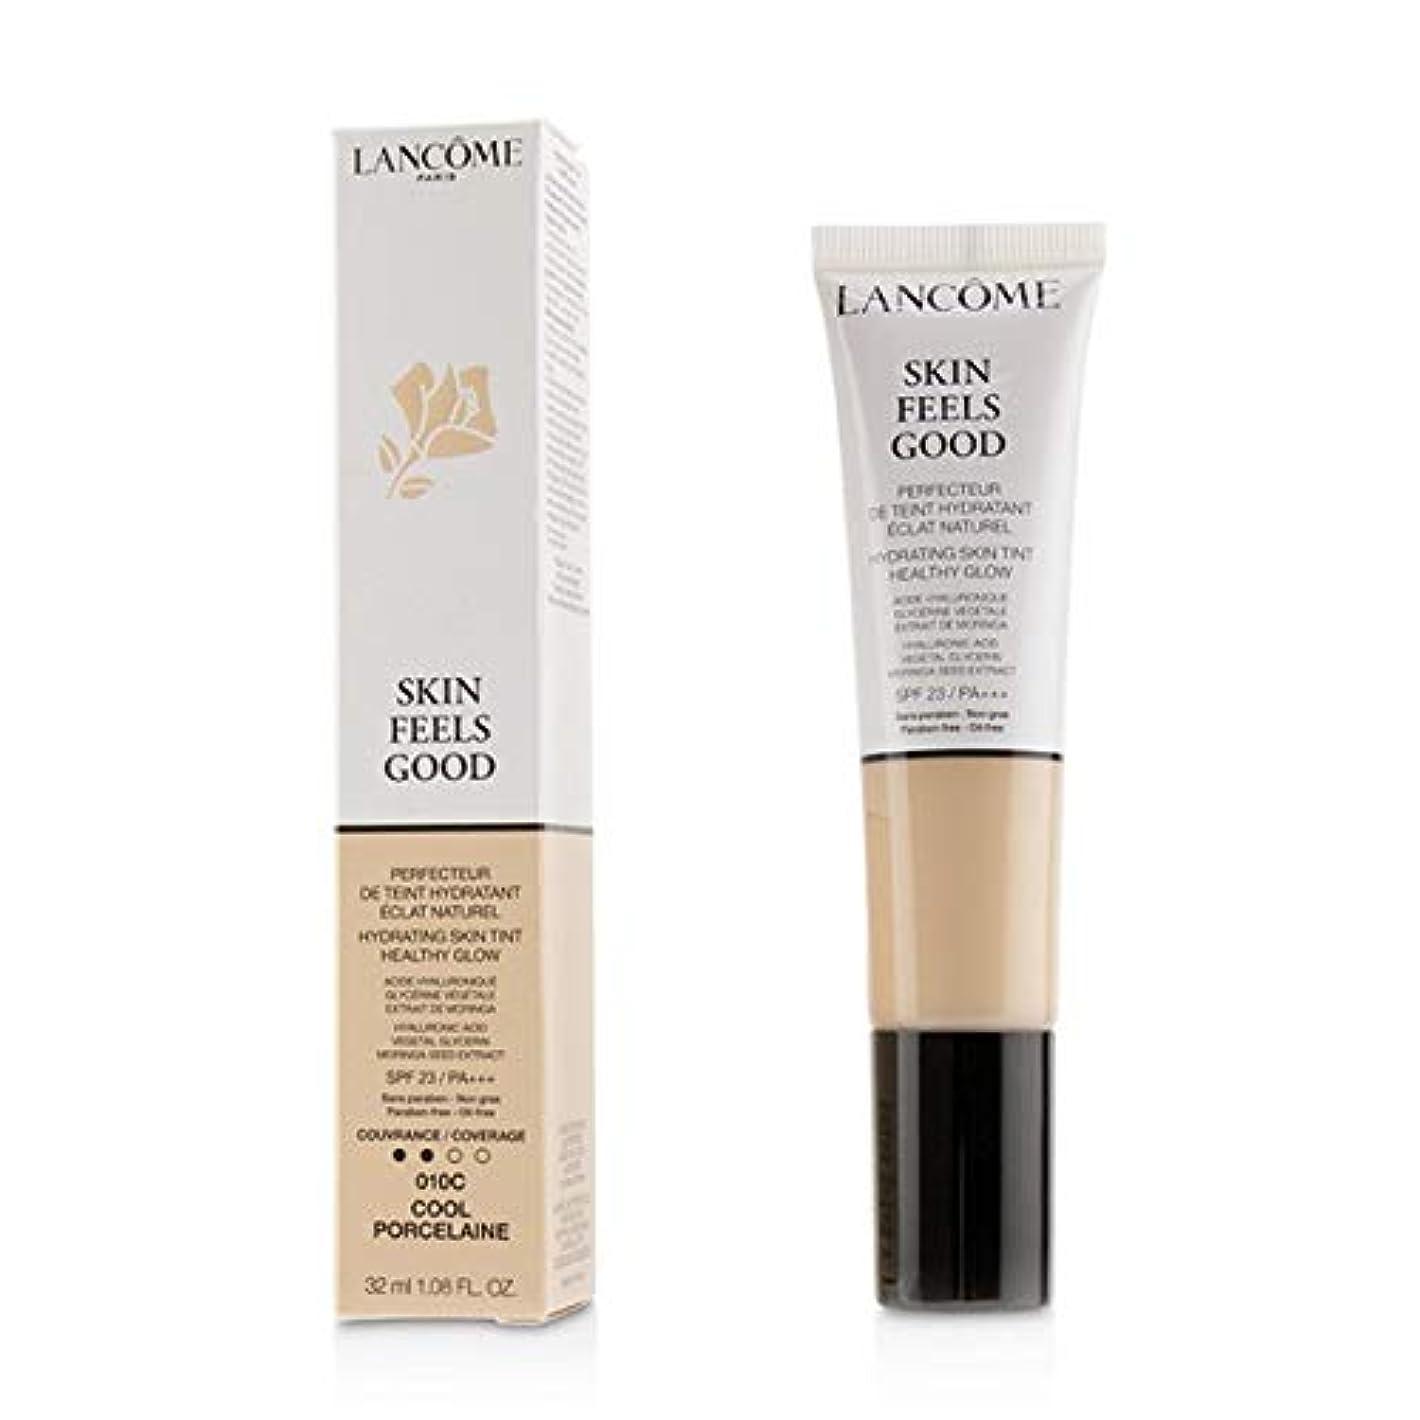 医療のカバー寄生虫ランコム Skin Feels Good Hydrating Skin Tint Healthy Glow SPF 23 - # 010C Cool Porcelaine 32ml/1.08oz並行輸入品